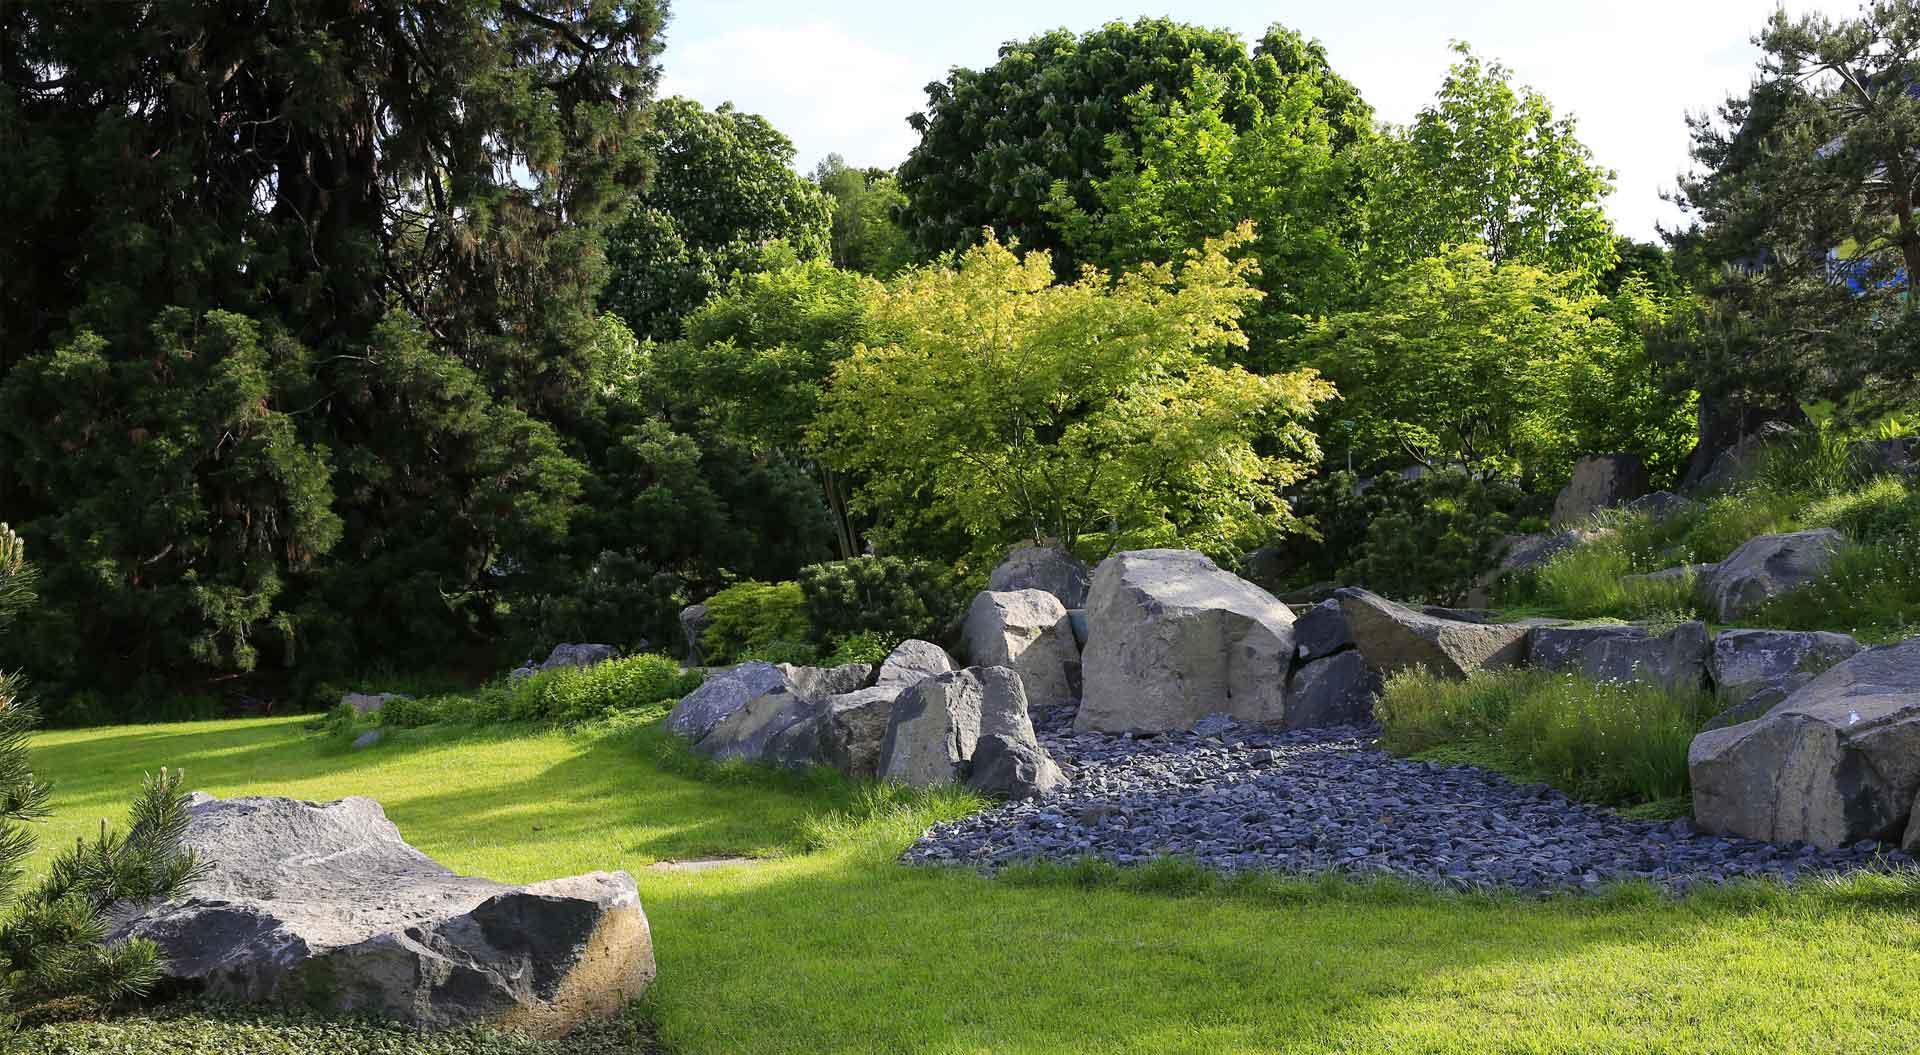 Blick auf den Garten des Arp-Museums, angelegt von Peter Berg